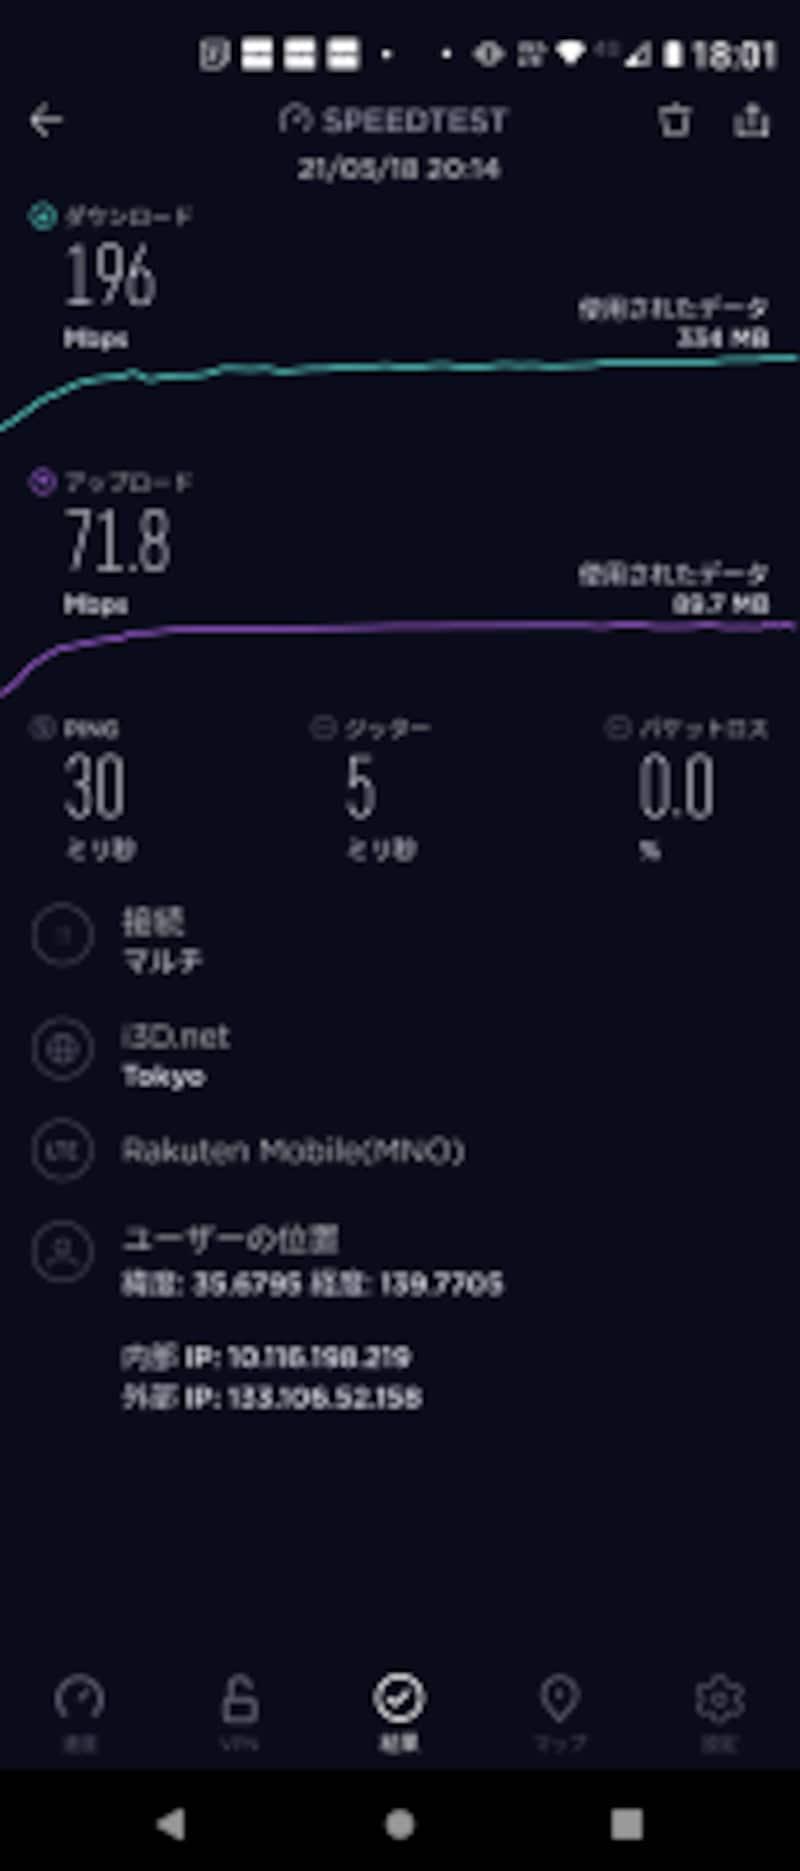 5G通信の例(回線は楽天モバイル、アプリSPEEDTEST使用)